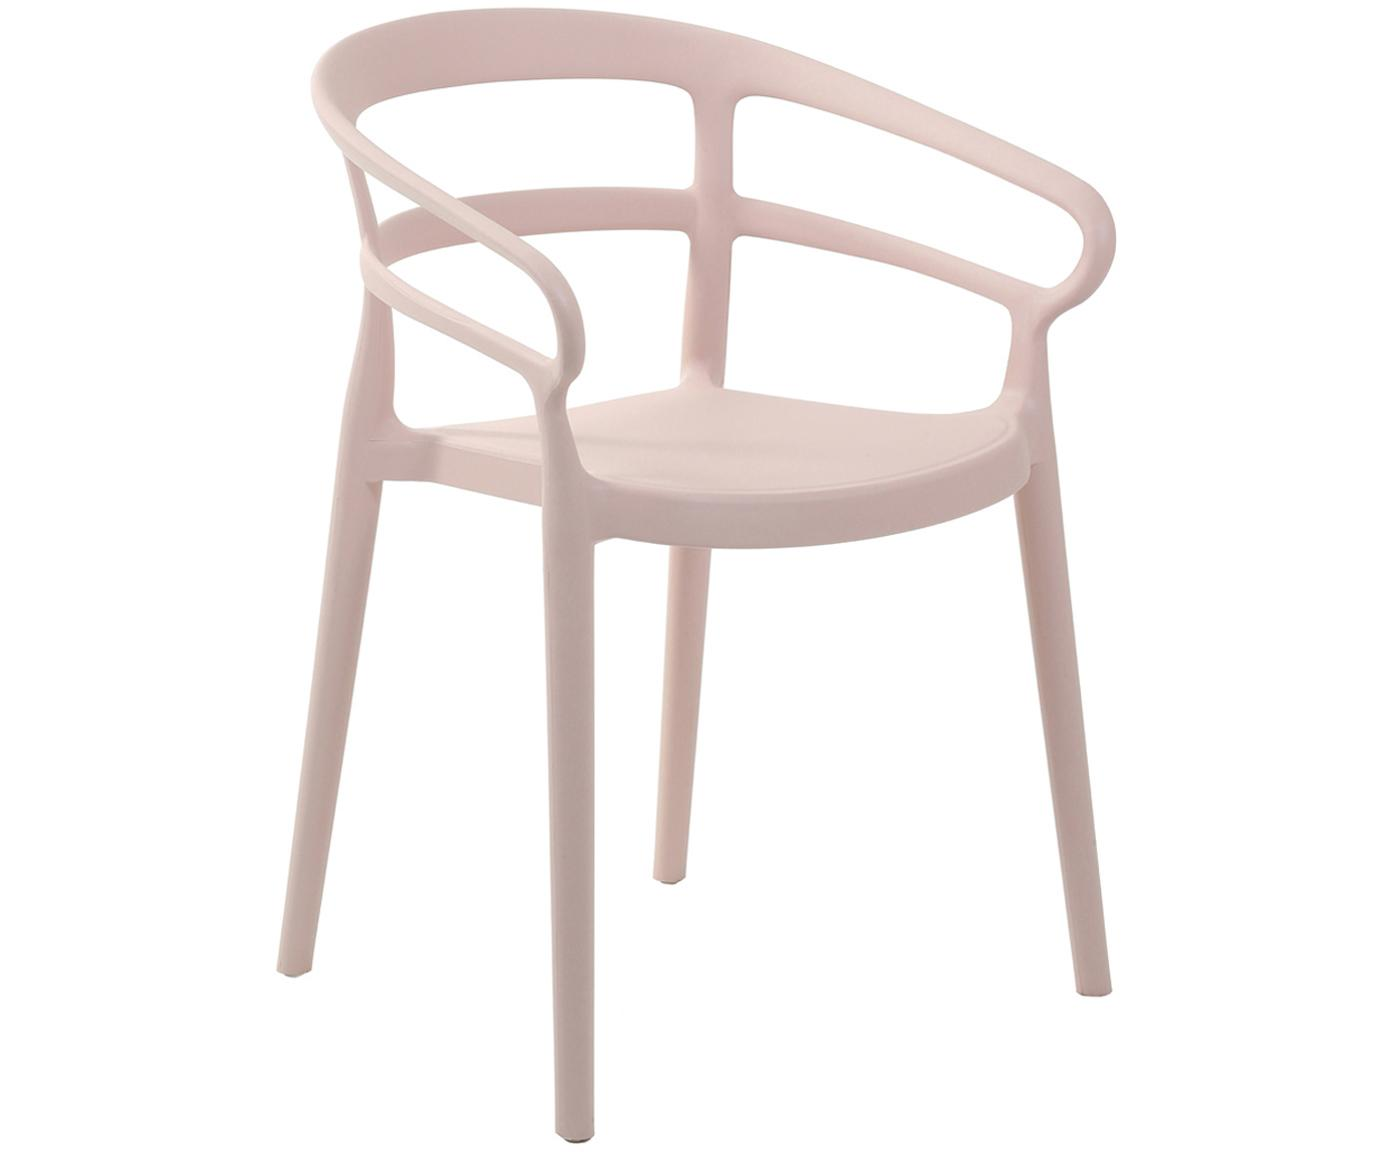 Krzesło z tworzywa sztucznego z podłokietnikami Rodi, 2 szt., Polipropylen, Blady różowy, S 52 x G 57 cm